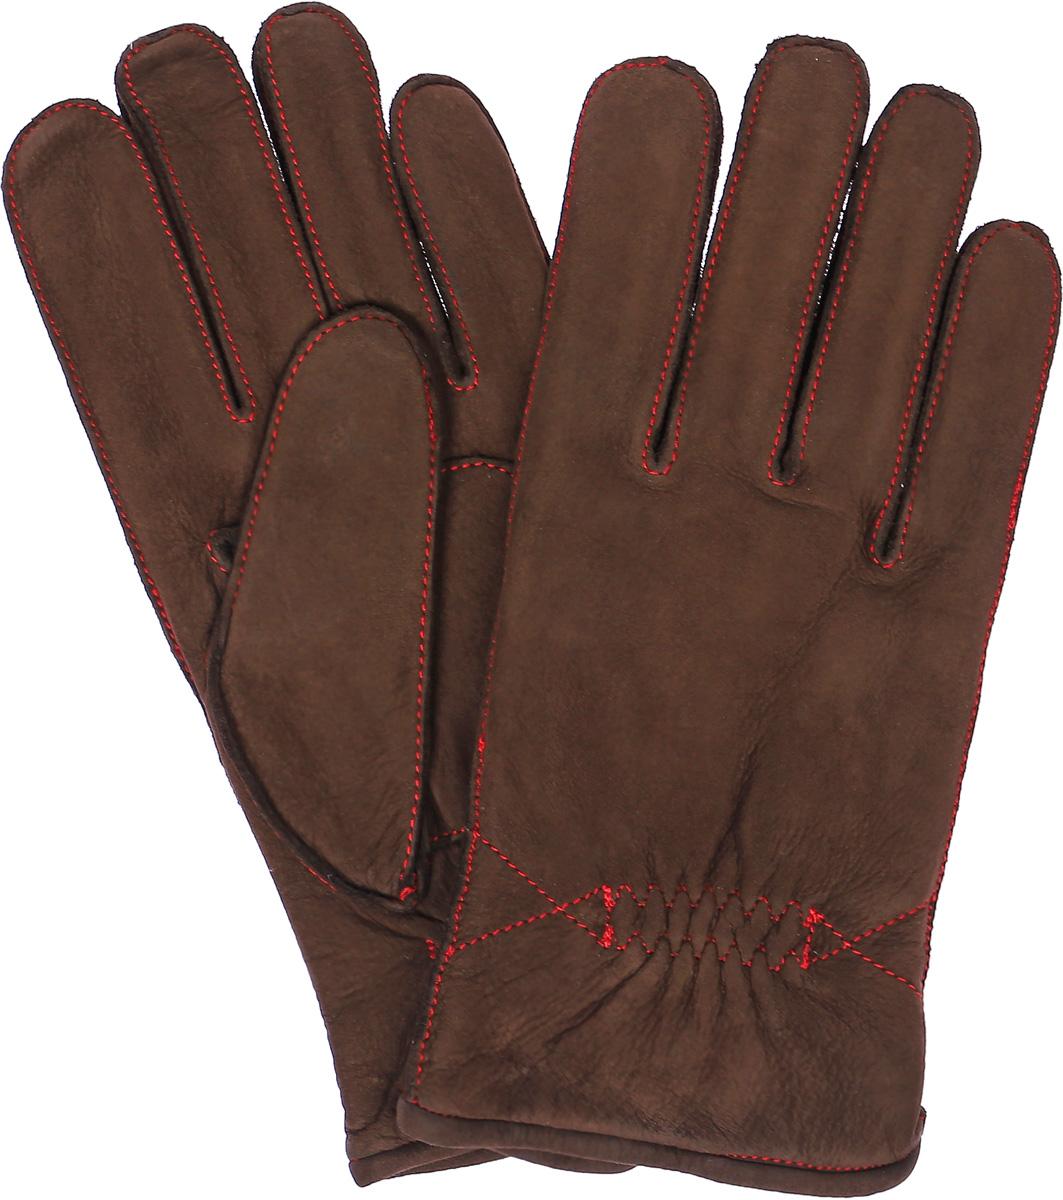 Перчатки мужские Dali Exclusive, цвет: коричневый, красный. N12_TORM. Размер 9N12_TORM/R.DBR//11Мужские перчатки Dali Exclusive не только защитят ваши руки, но и станут великолепным украшением. Перчатки выполнены из натурального нубука, а подкладка - из высококачественной шерсти. Модель оформлена декоративными прострочками.